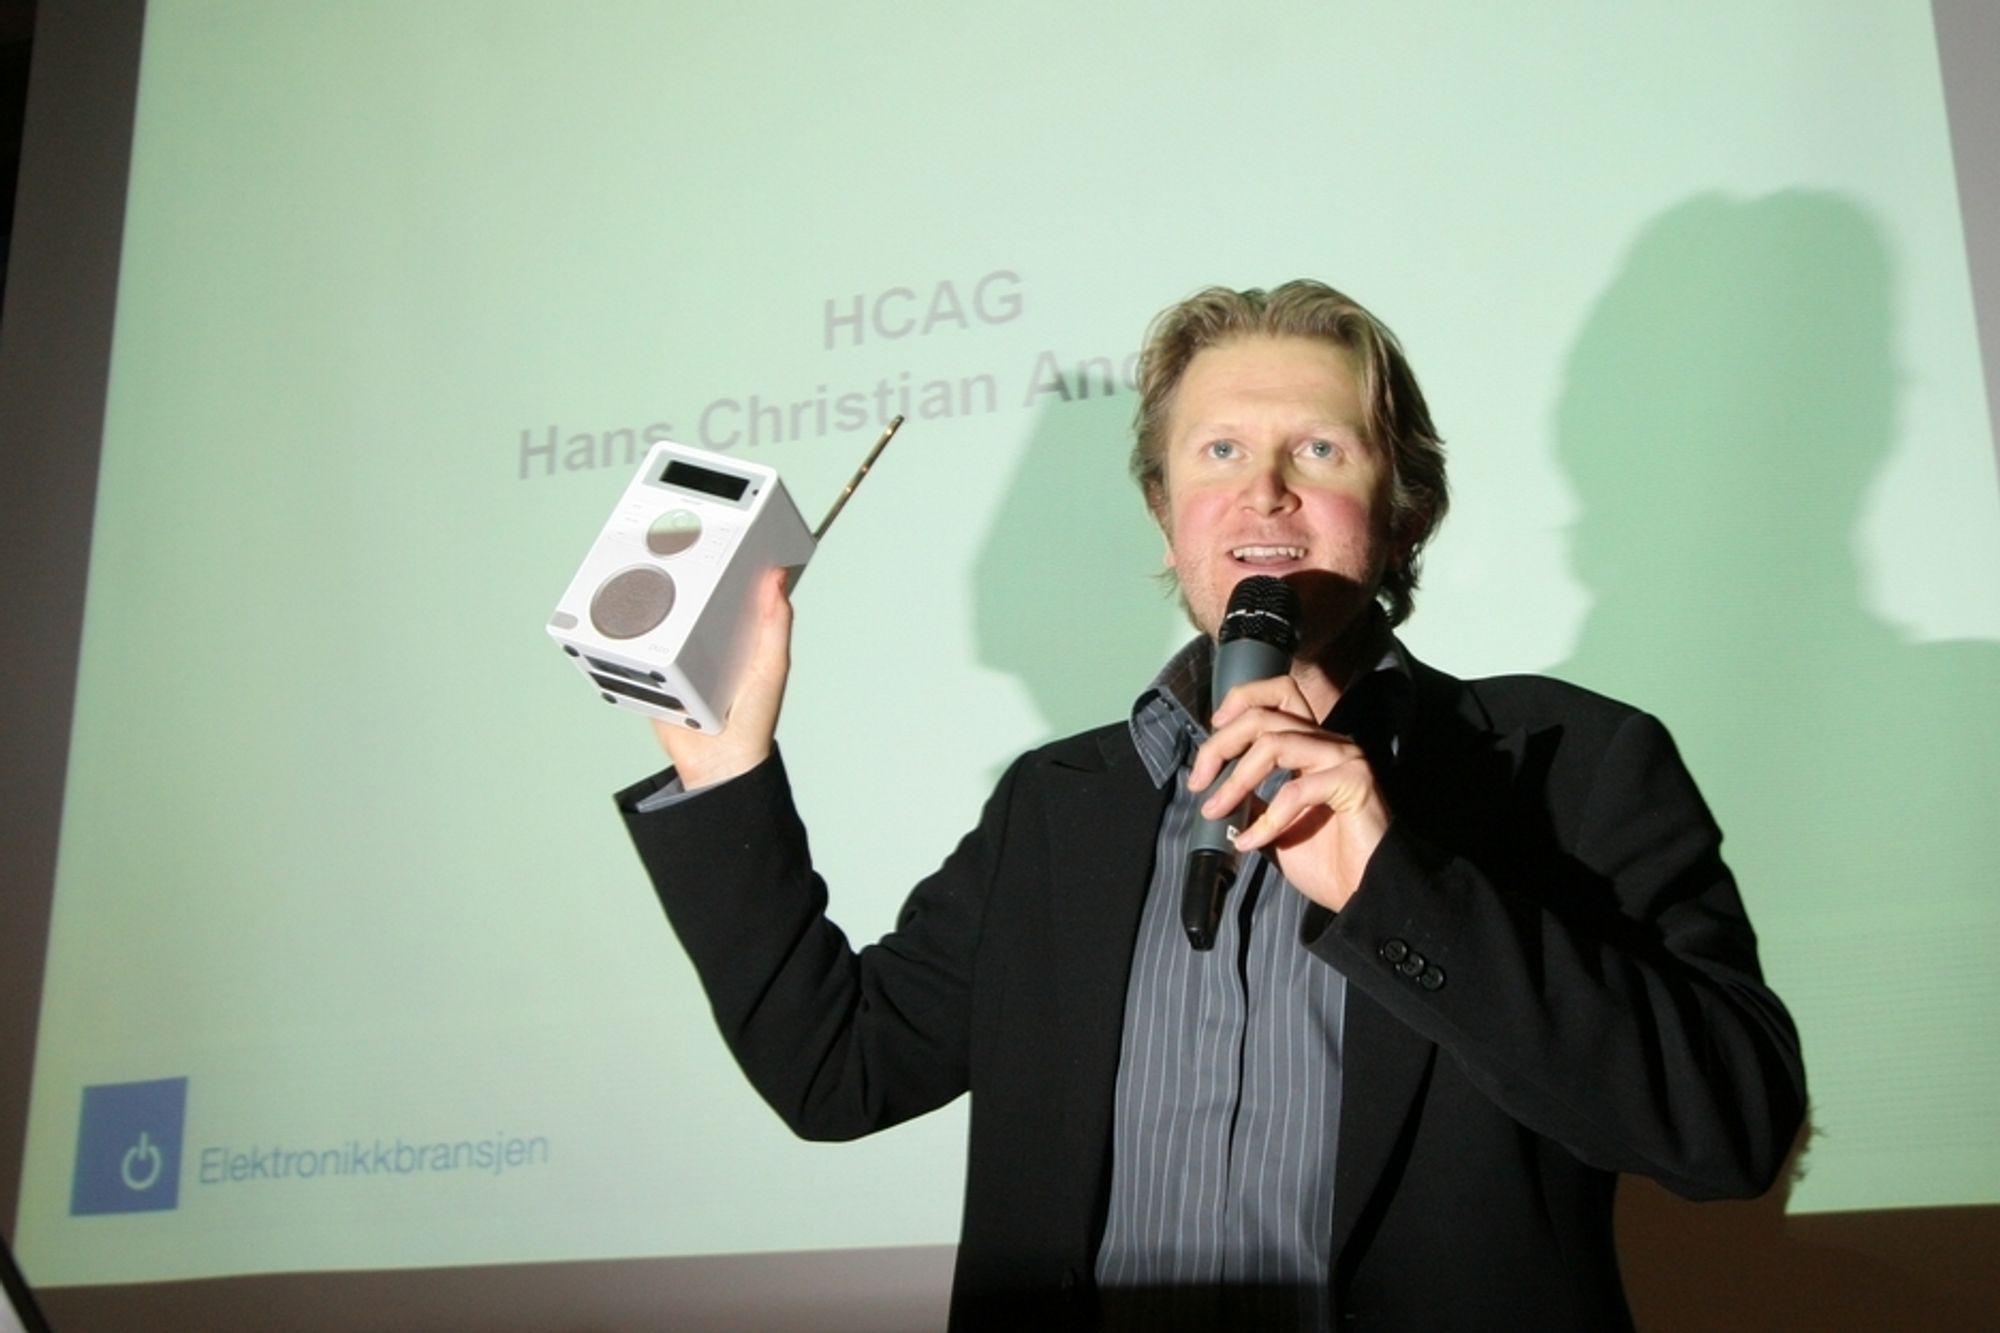 Radiokjendis hans Christian Andersen selger nå DAB-radioer for alle penga, og benyttet årets julegavearrangement til å snakke om DAB-radioens fortreffelighet i forhold til FM. Andersen snakket også om DAB-debatten som har rast her på TU.no.